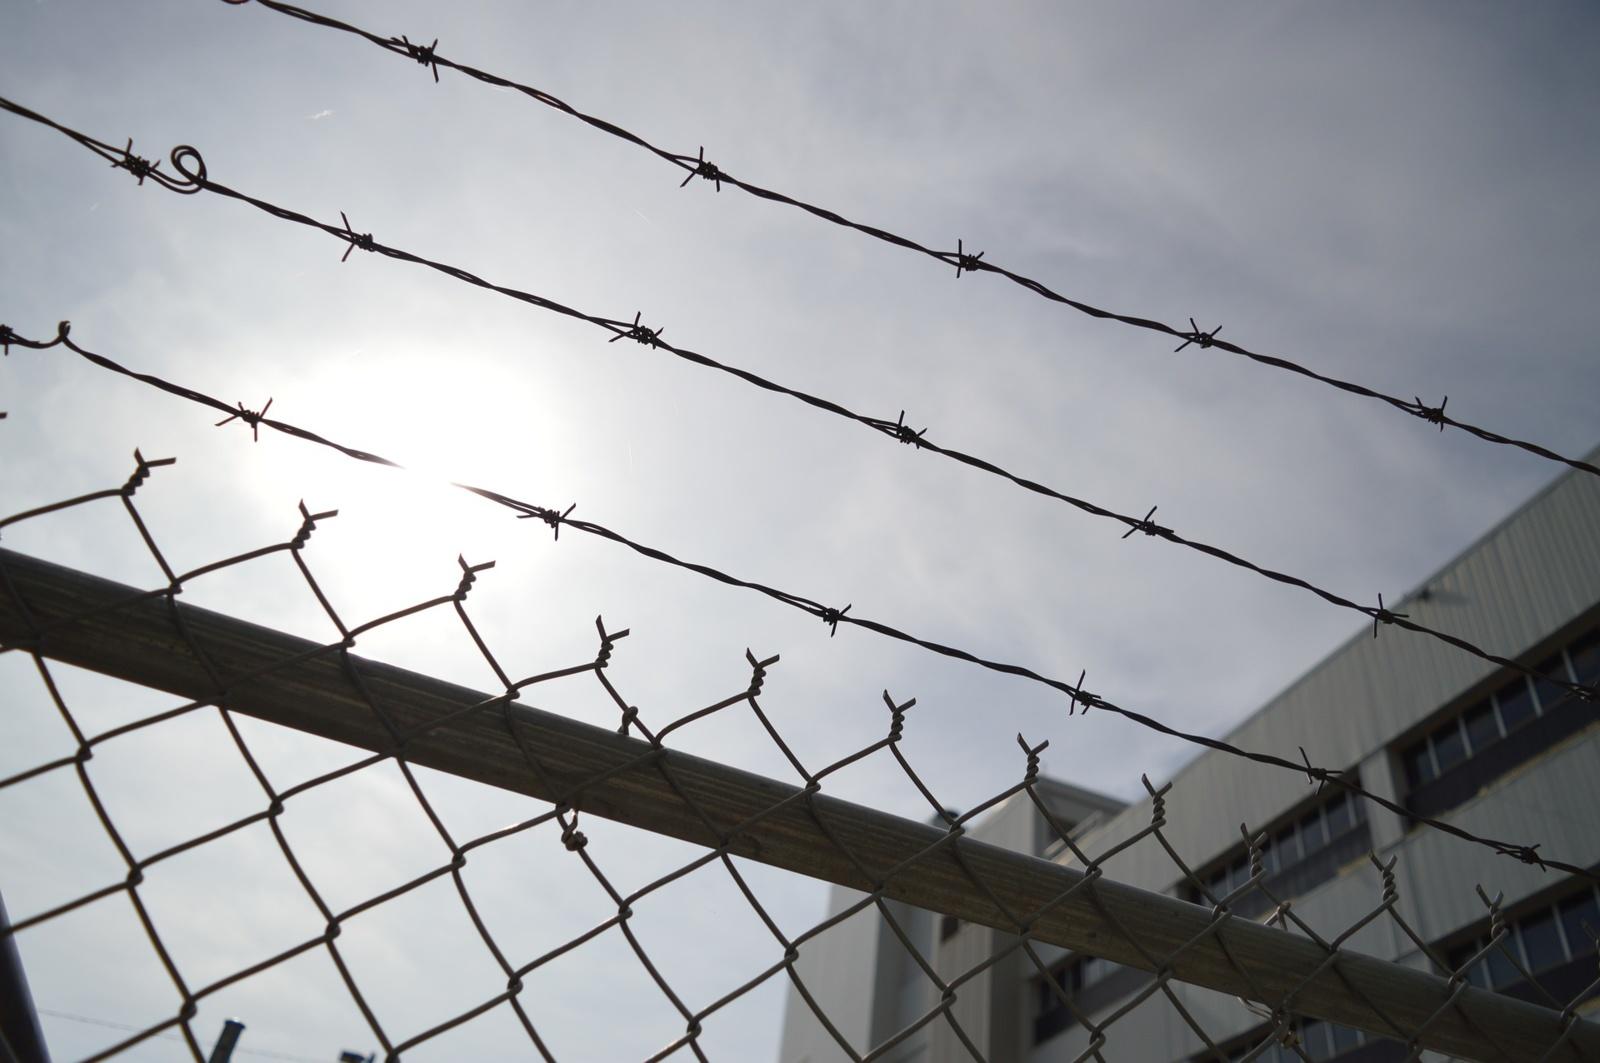 Viešosios tvarkos pažeidėjai nubausti laisvės atėmimo bausmėmis